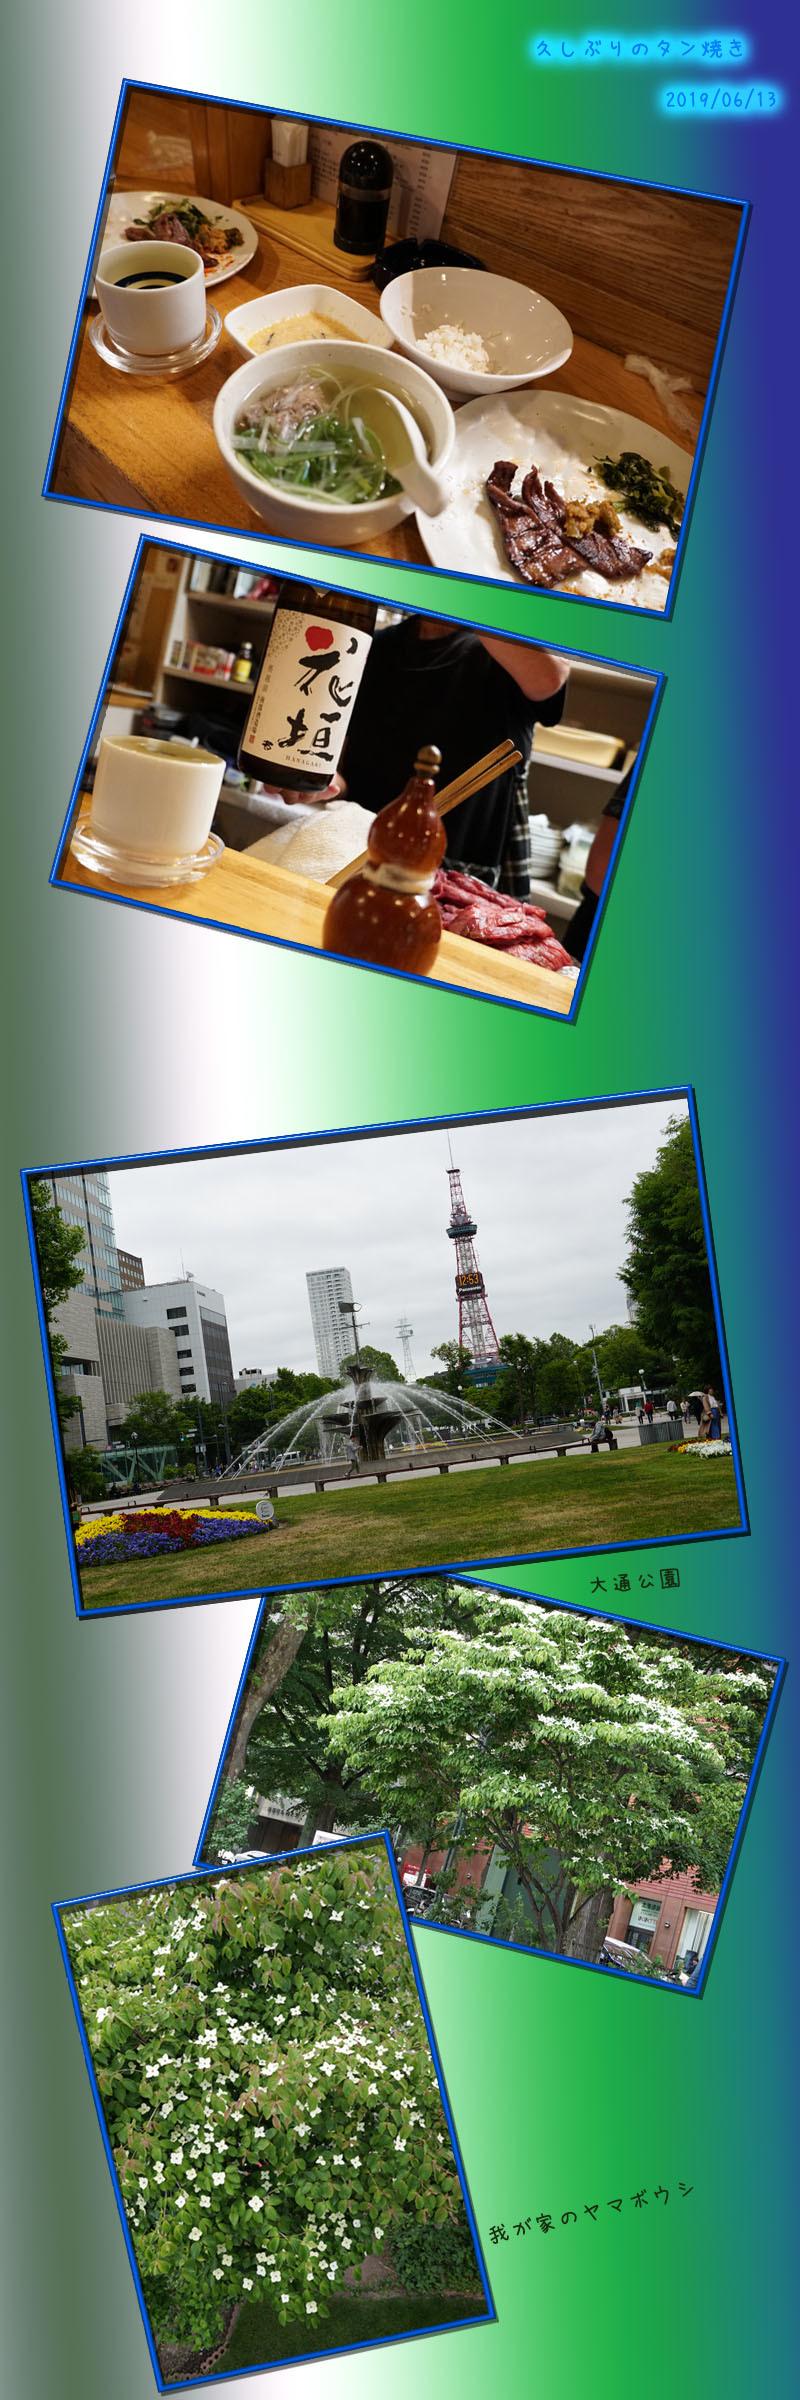 b0019313_16002519.jpg